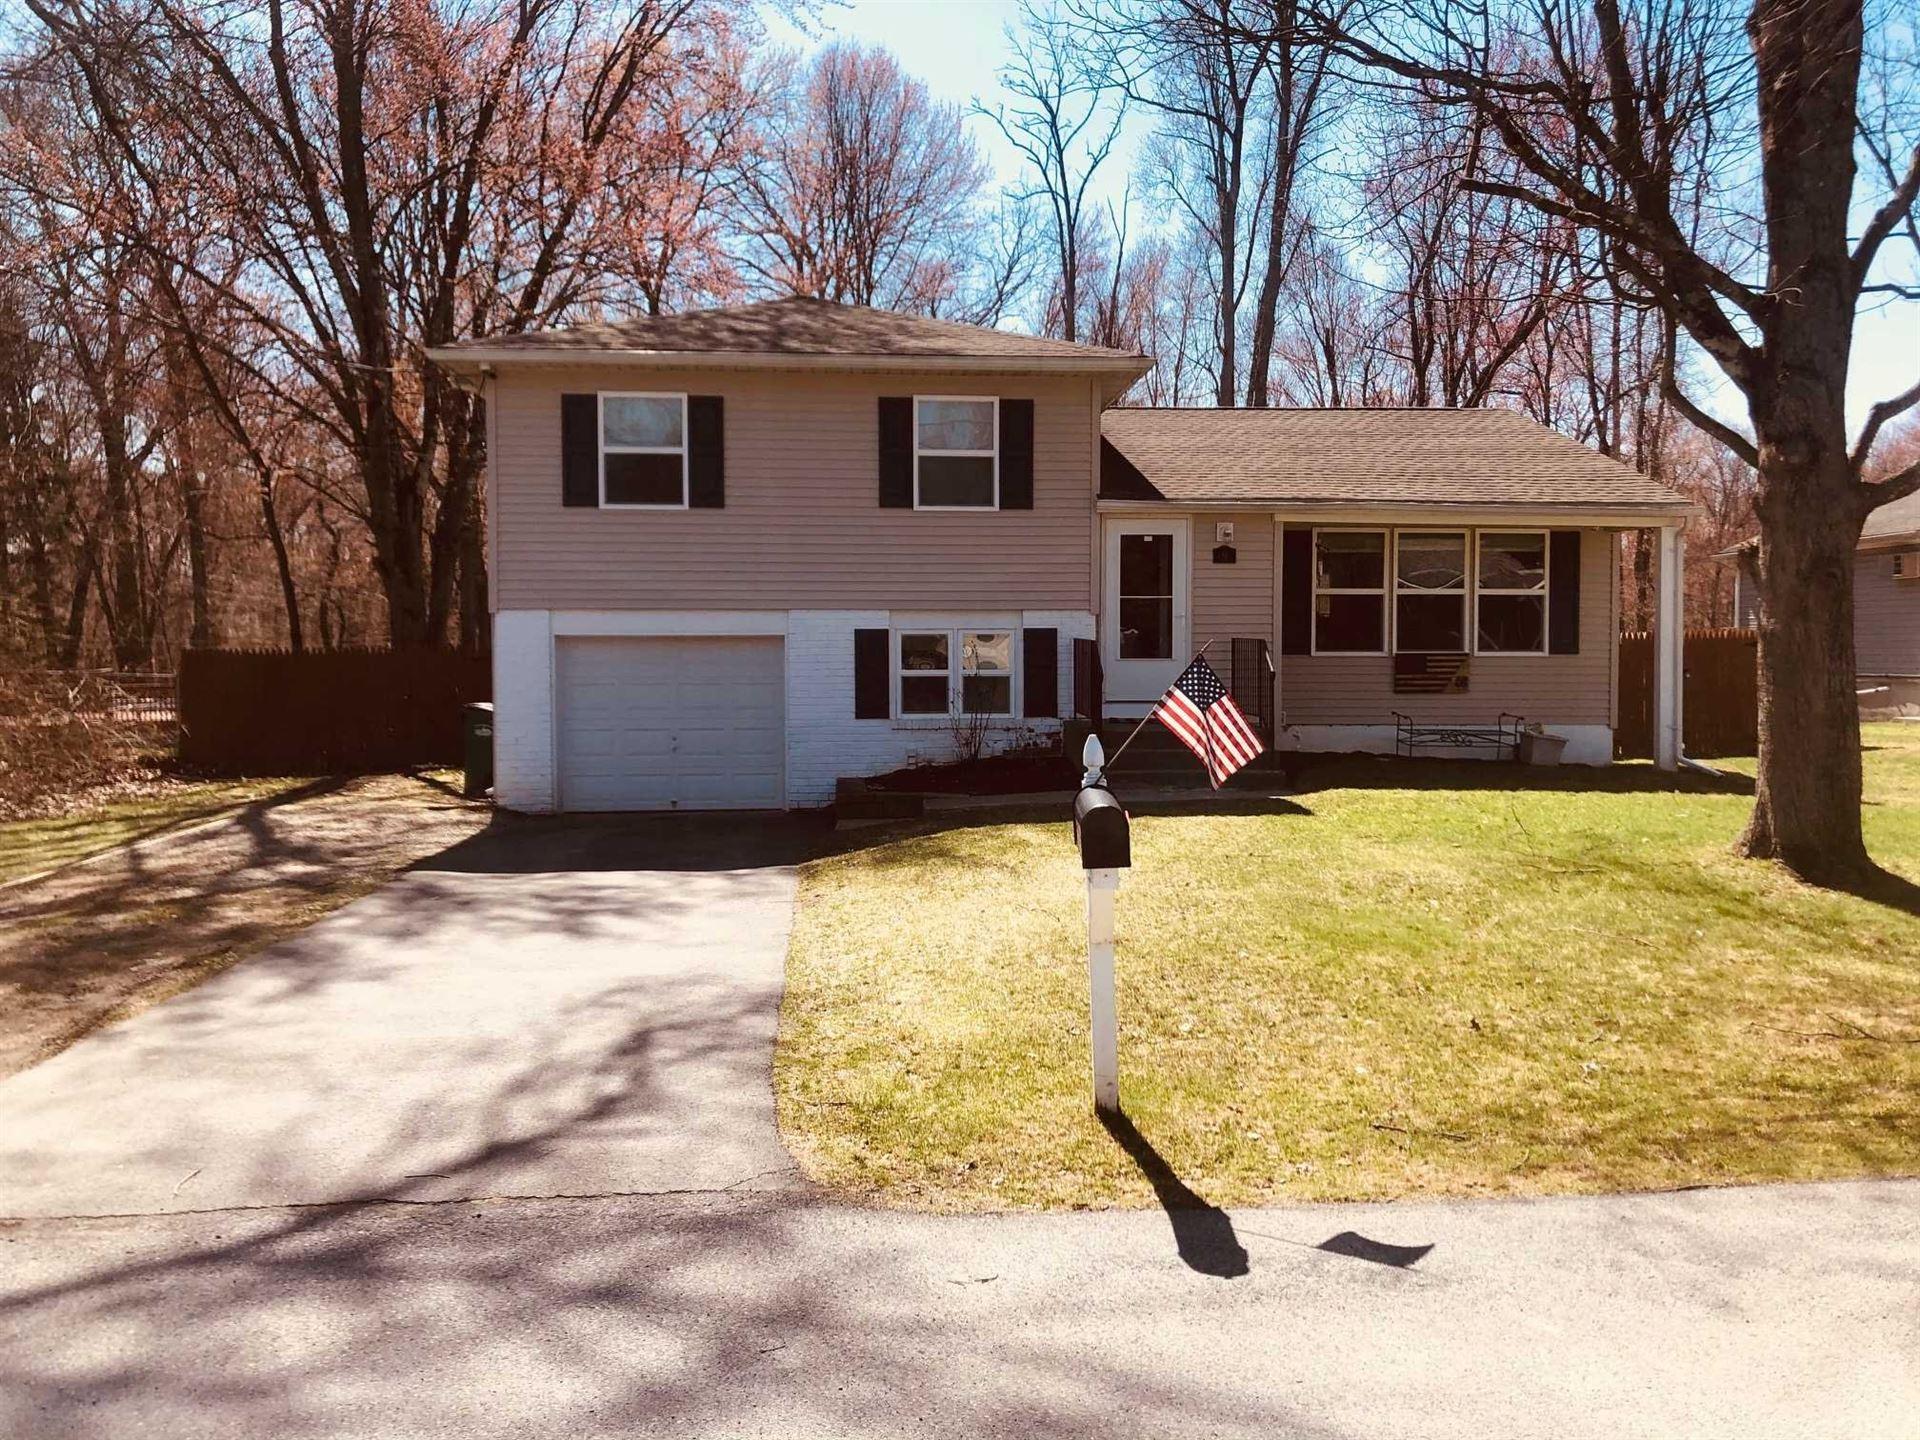 9 N JACKSON RD, Poughkeepsie, NY 12603 - #: 399221